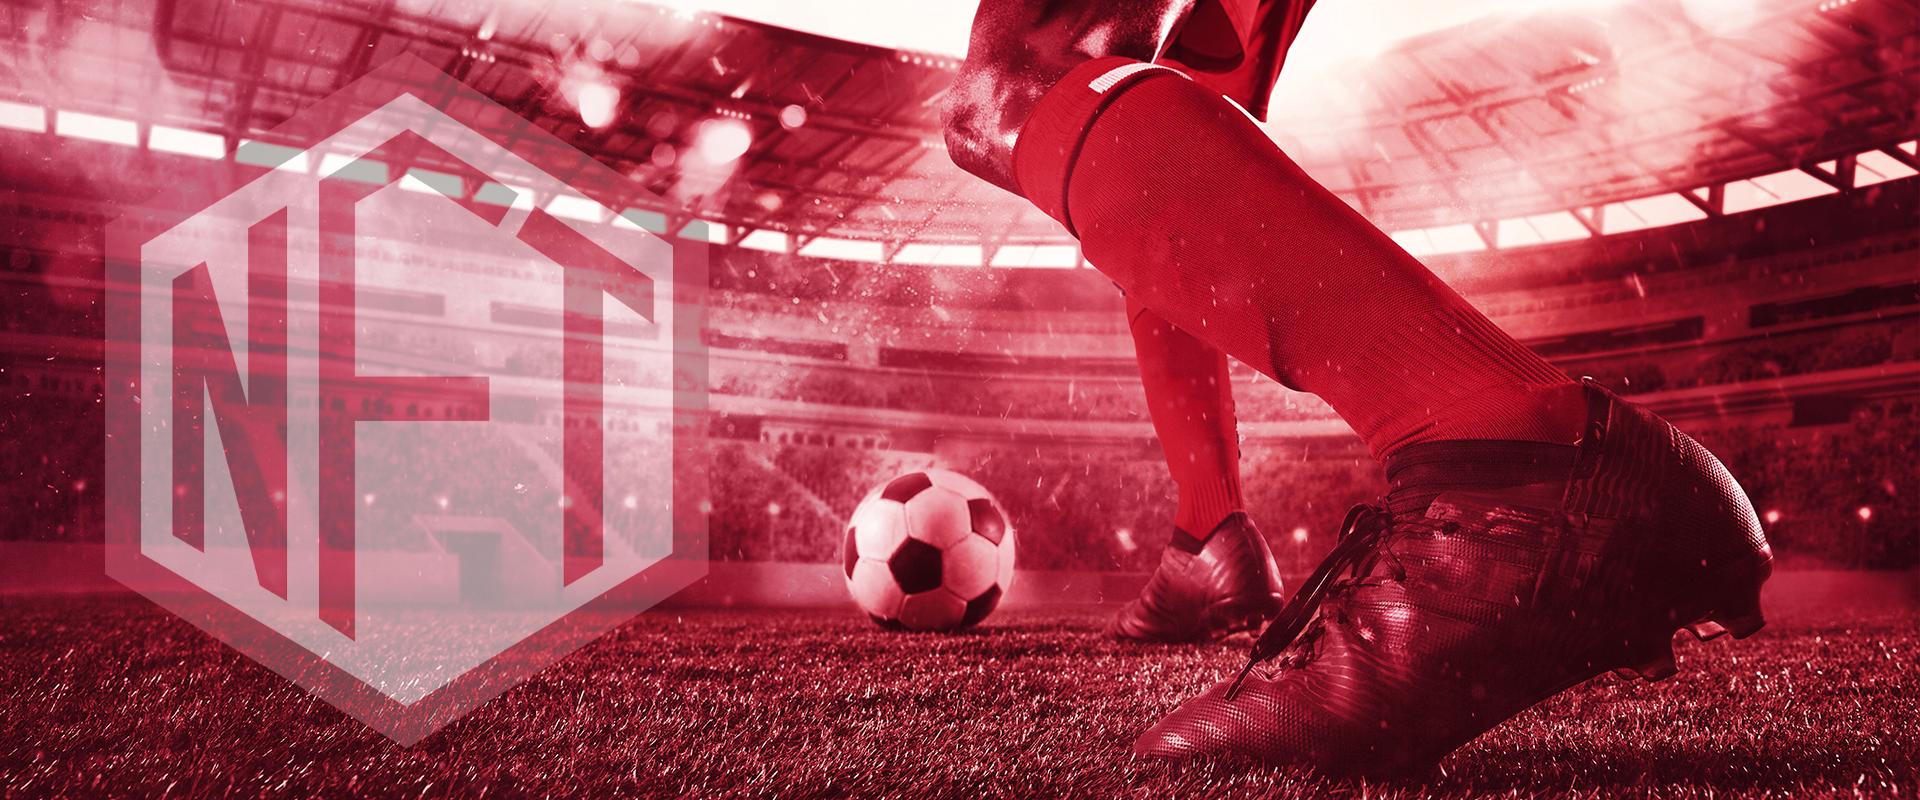 NFT e Sport Industry